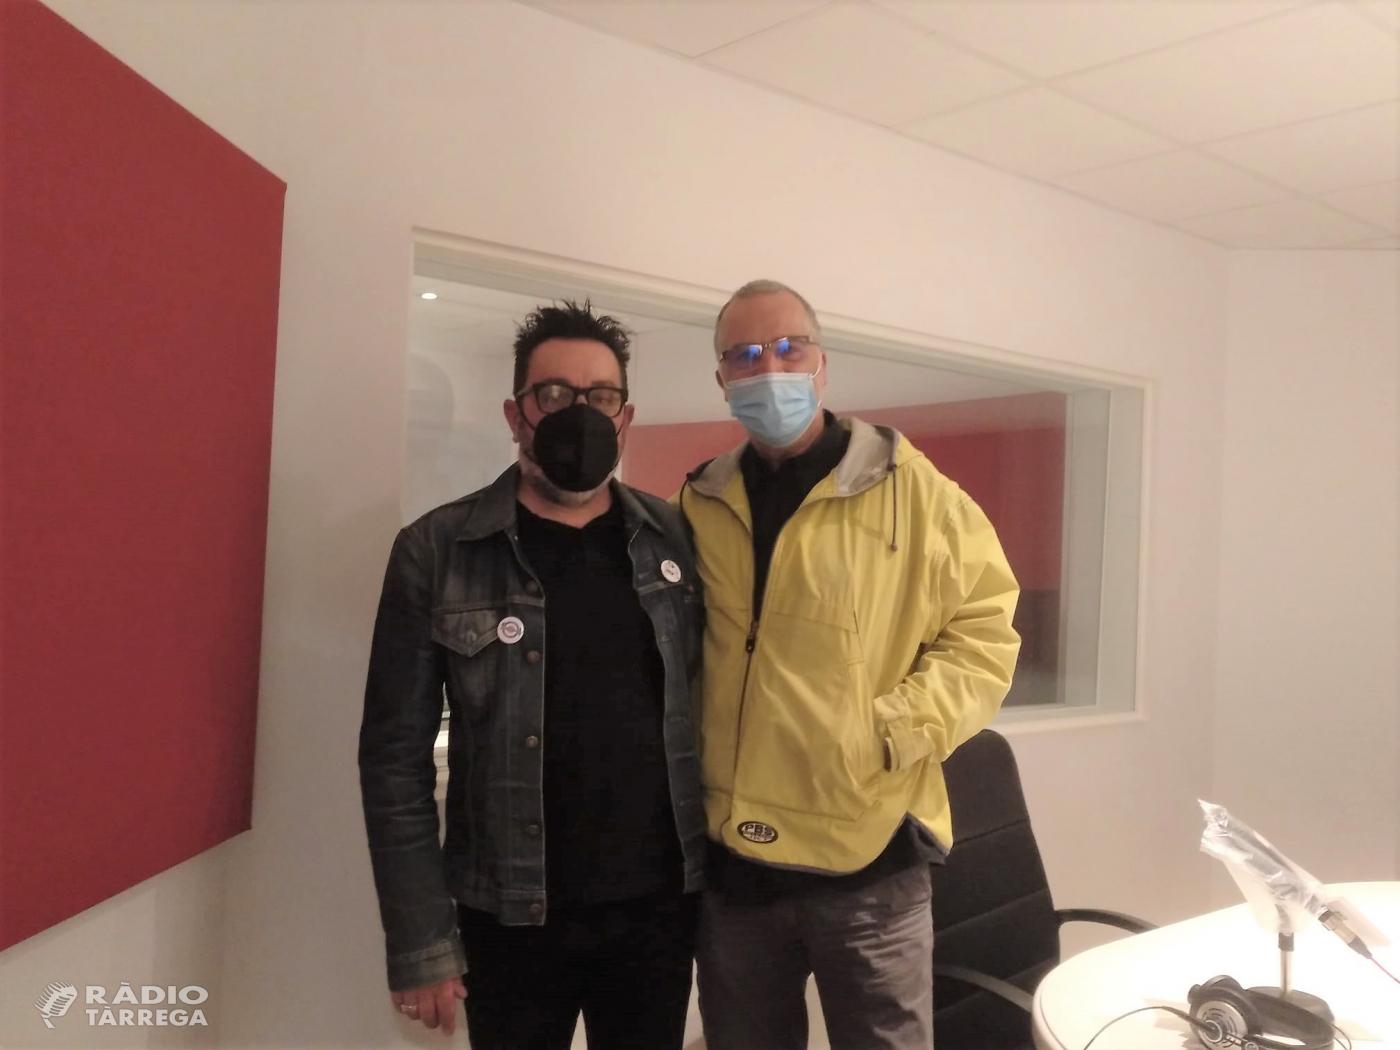 El grup Perifèrics presenta a Ràdio Tàrrega el seu últim EP 'No tinc ni cinc'